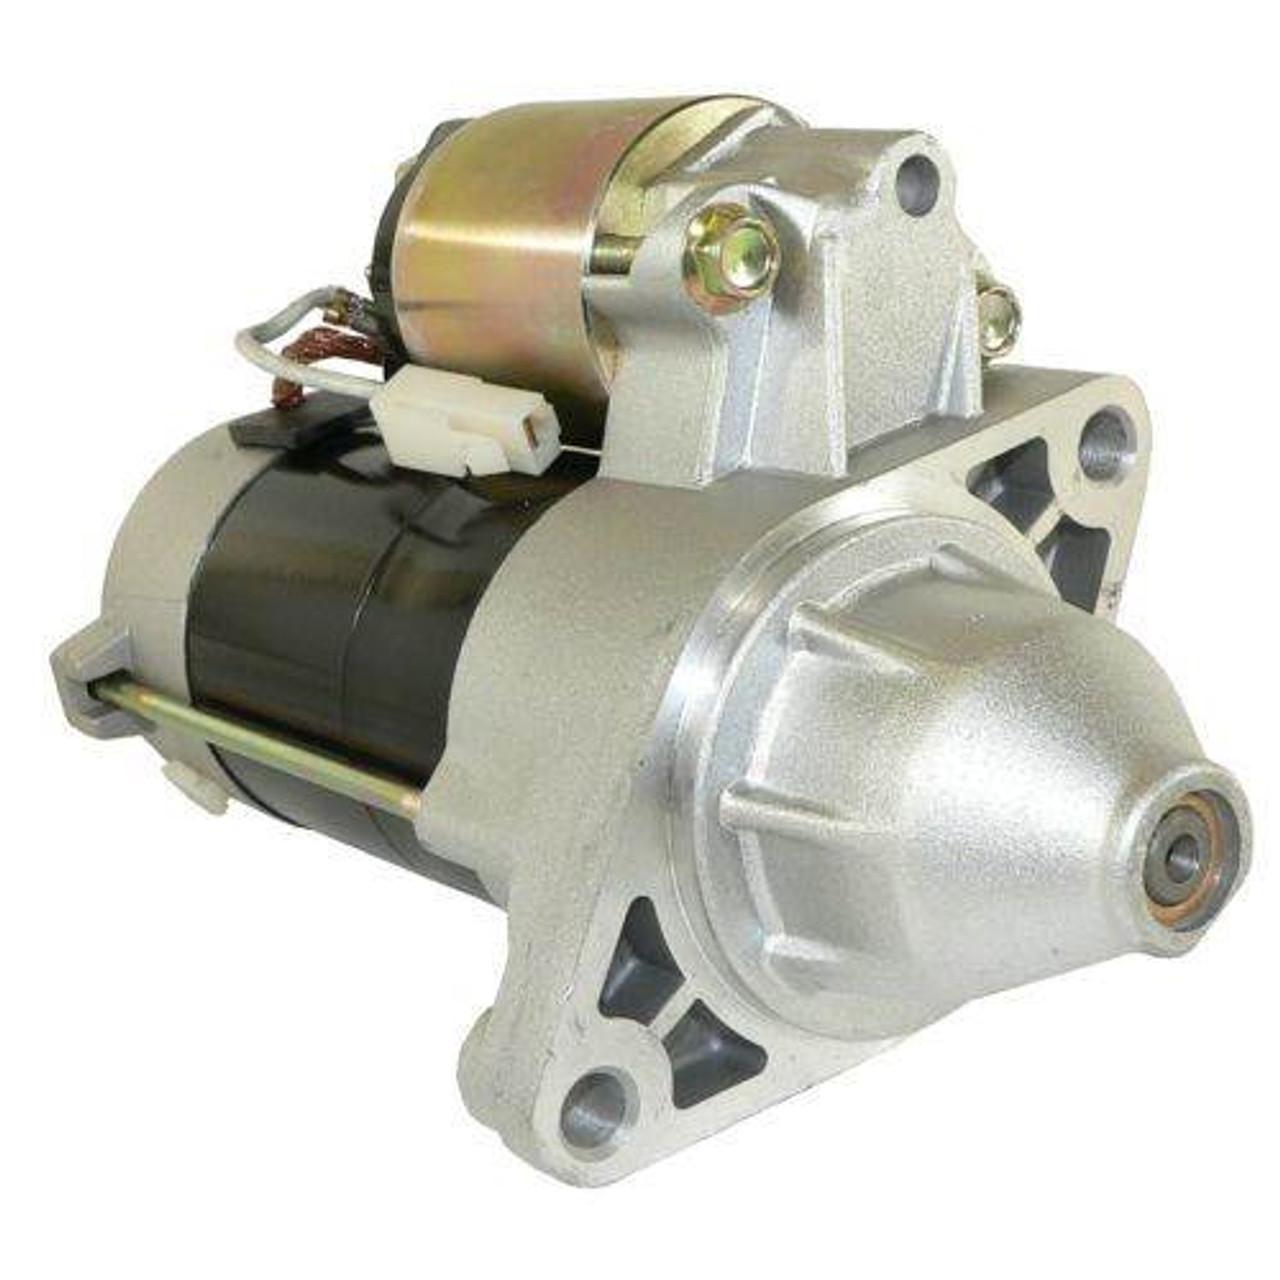 New Starter for Bobcat D722 MT52 Skid Steer 2004 2005 2006 2007 2008 2009